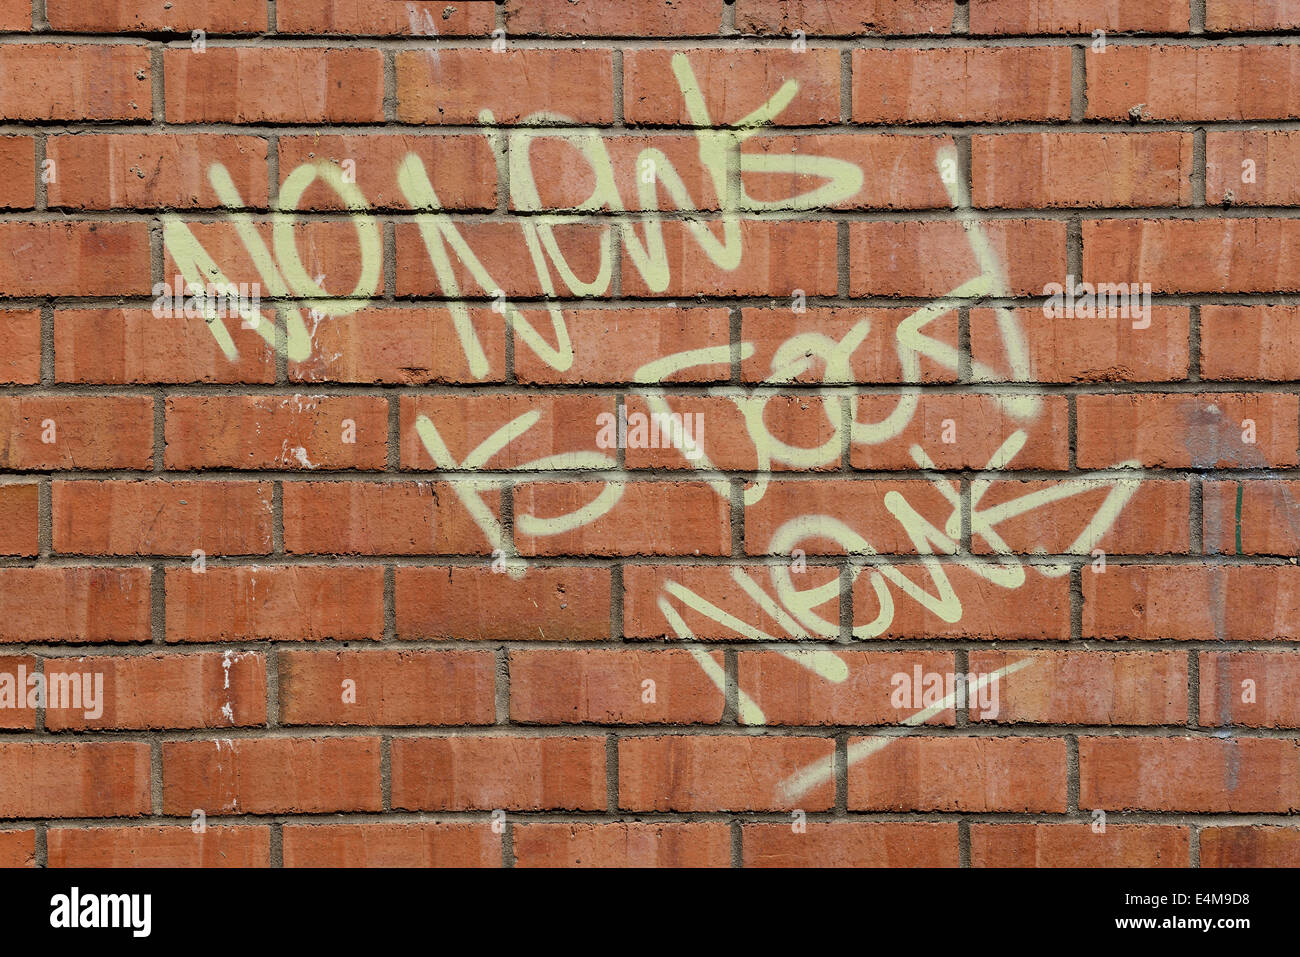 Non è una notizia buona notizia slogan su un muro di mattoni Immagini Stock